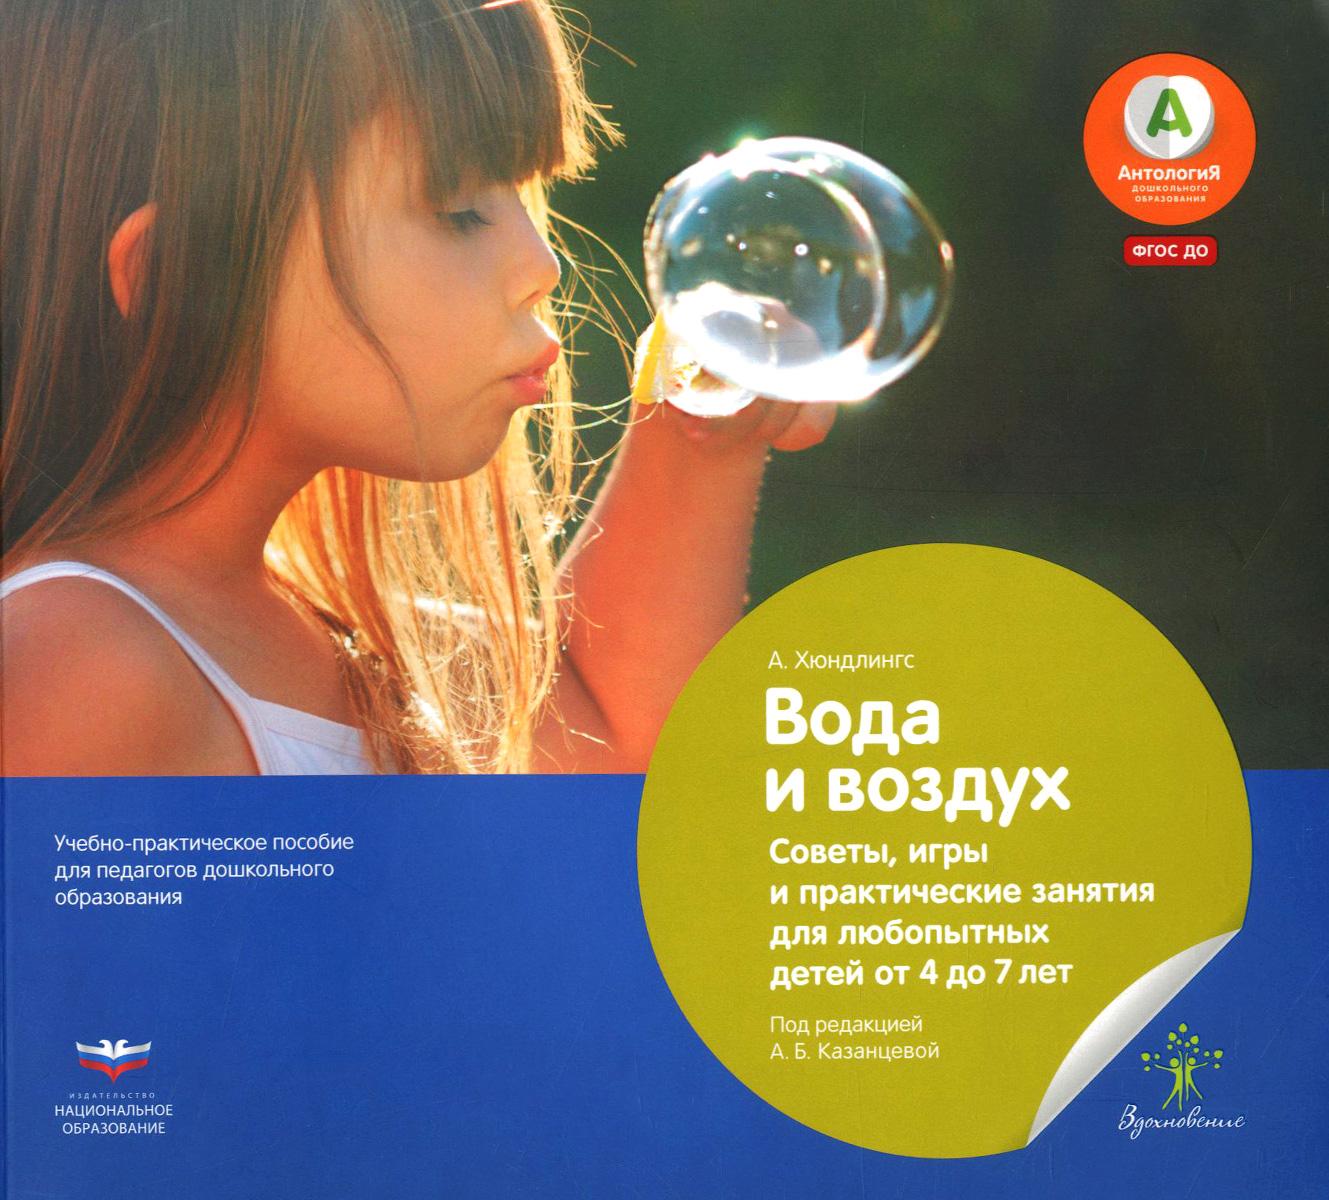 Вода и воздух. Советы, игры и практические занятия для любопытных детей от 4 до 7 лет, А. Хюндлингс